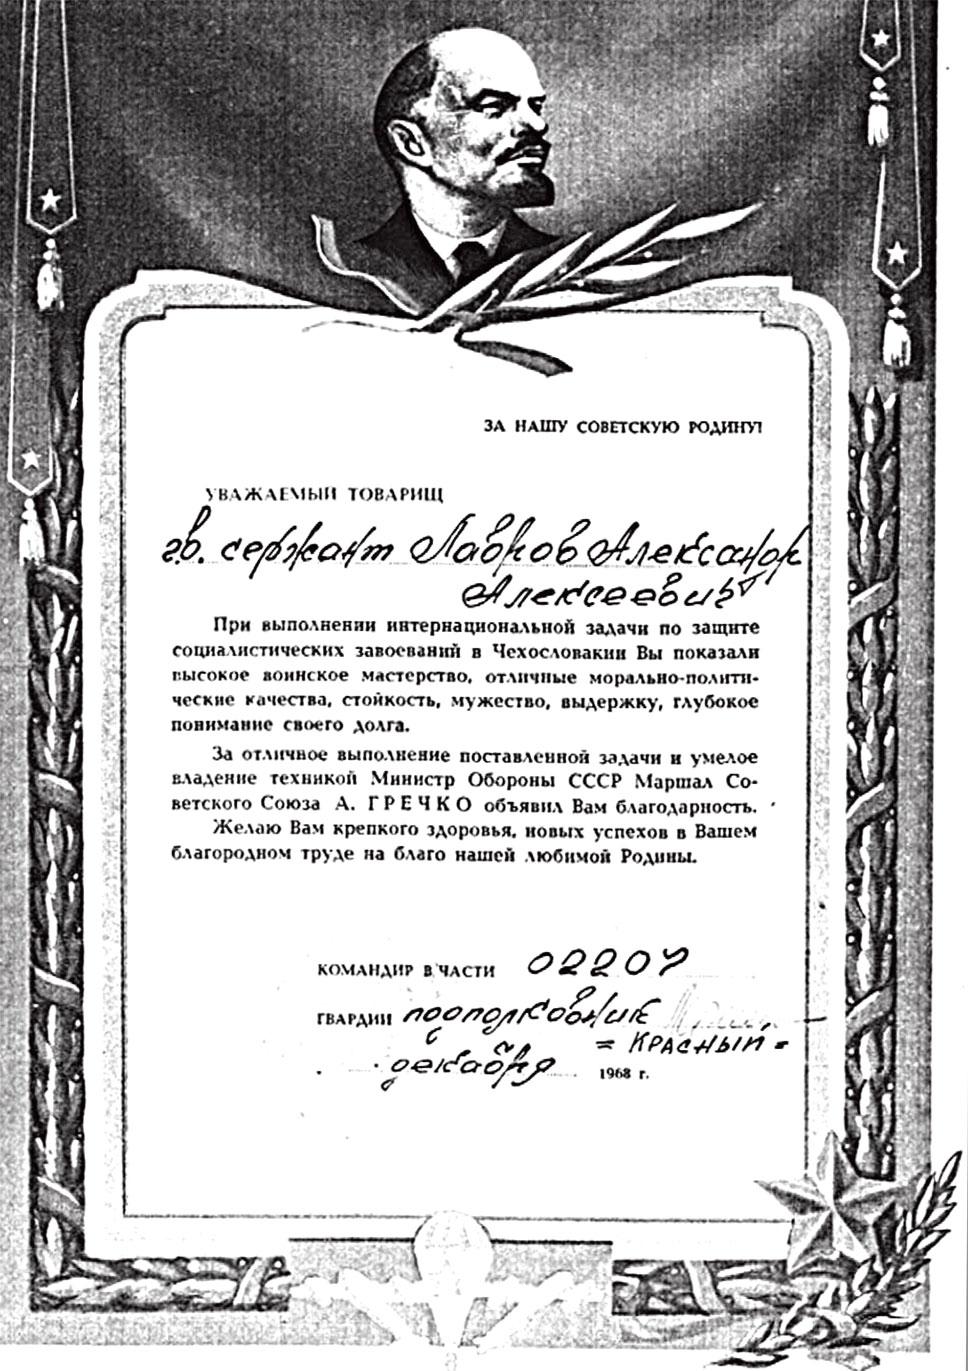 За высокое воинское мастерство и мужество при исполнении интернационального долга приказом Министра обороны СССР, как и многим другим военнослужащим, А. Лаврову объявлена благодарность